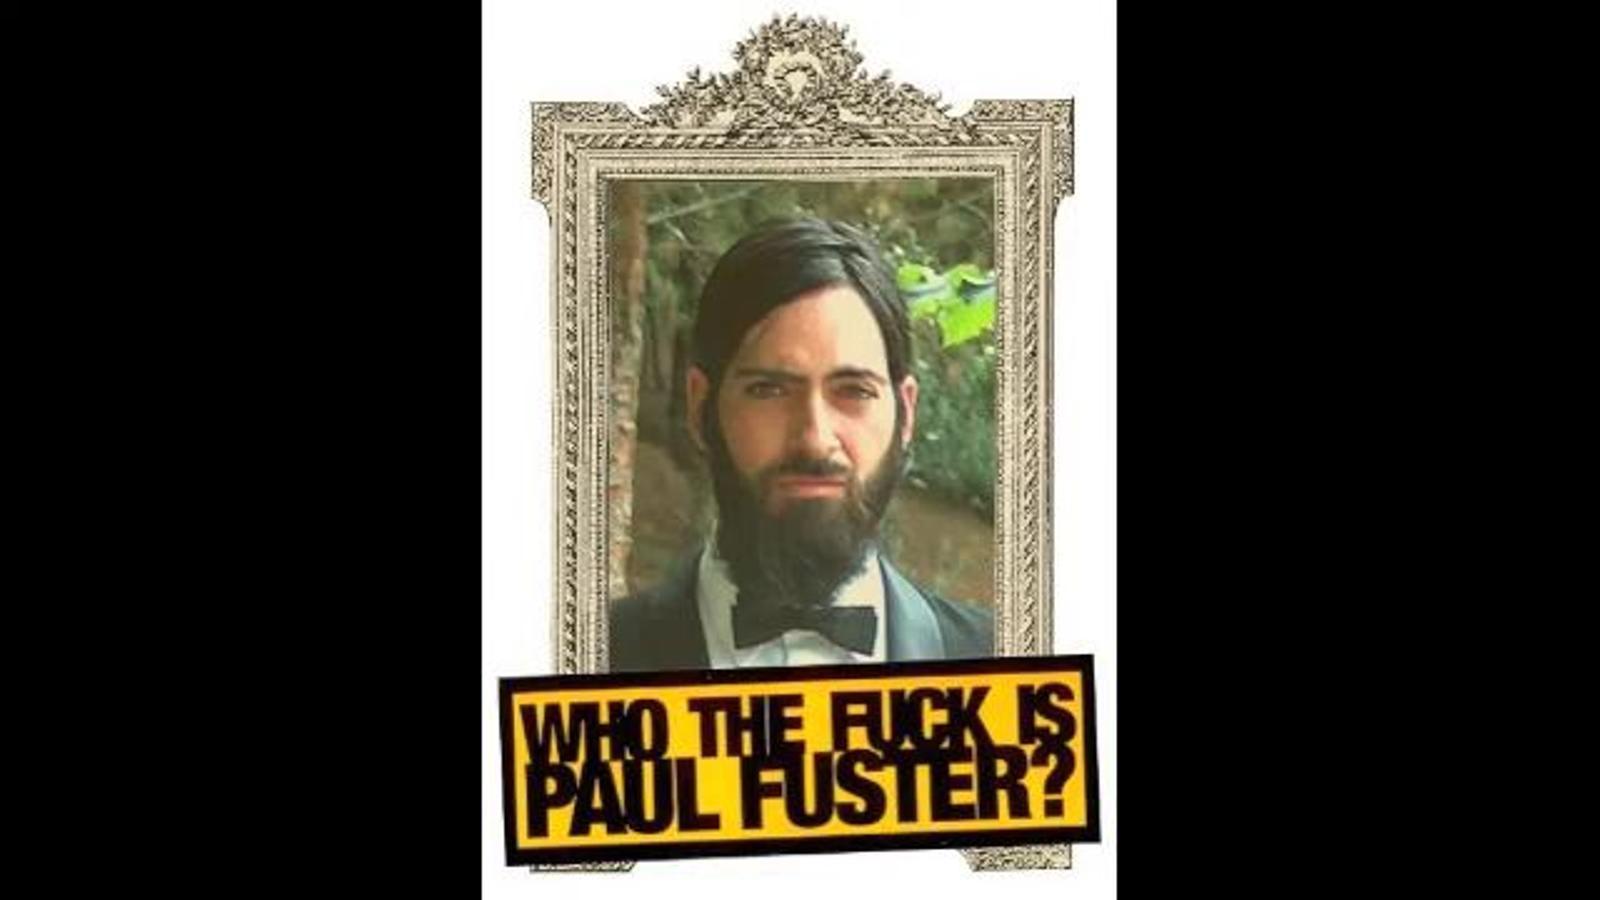 Paul Fuster, 'Ja no sap greu'